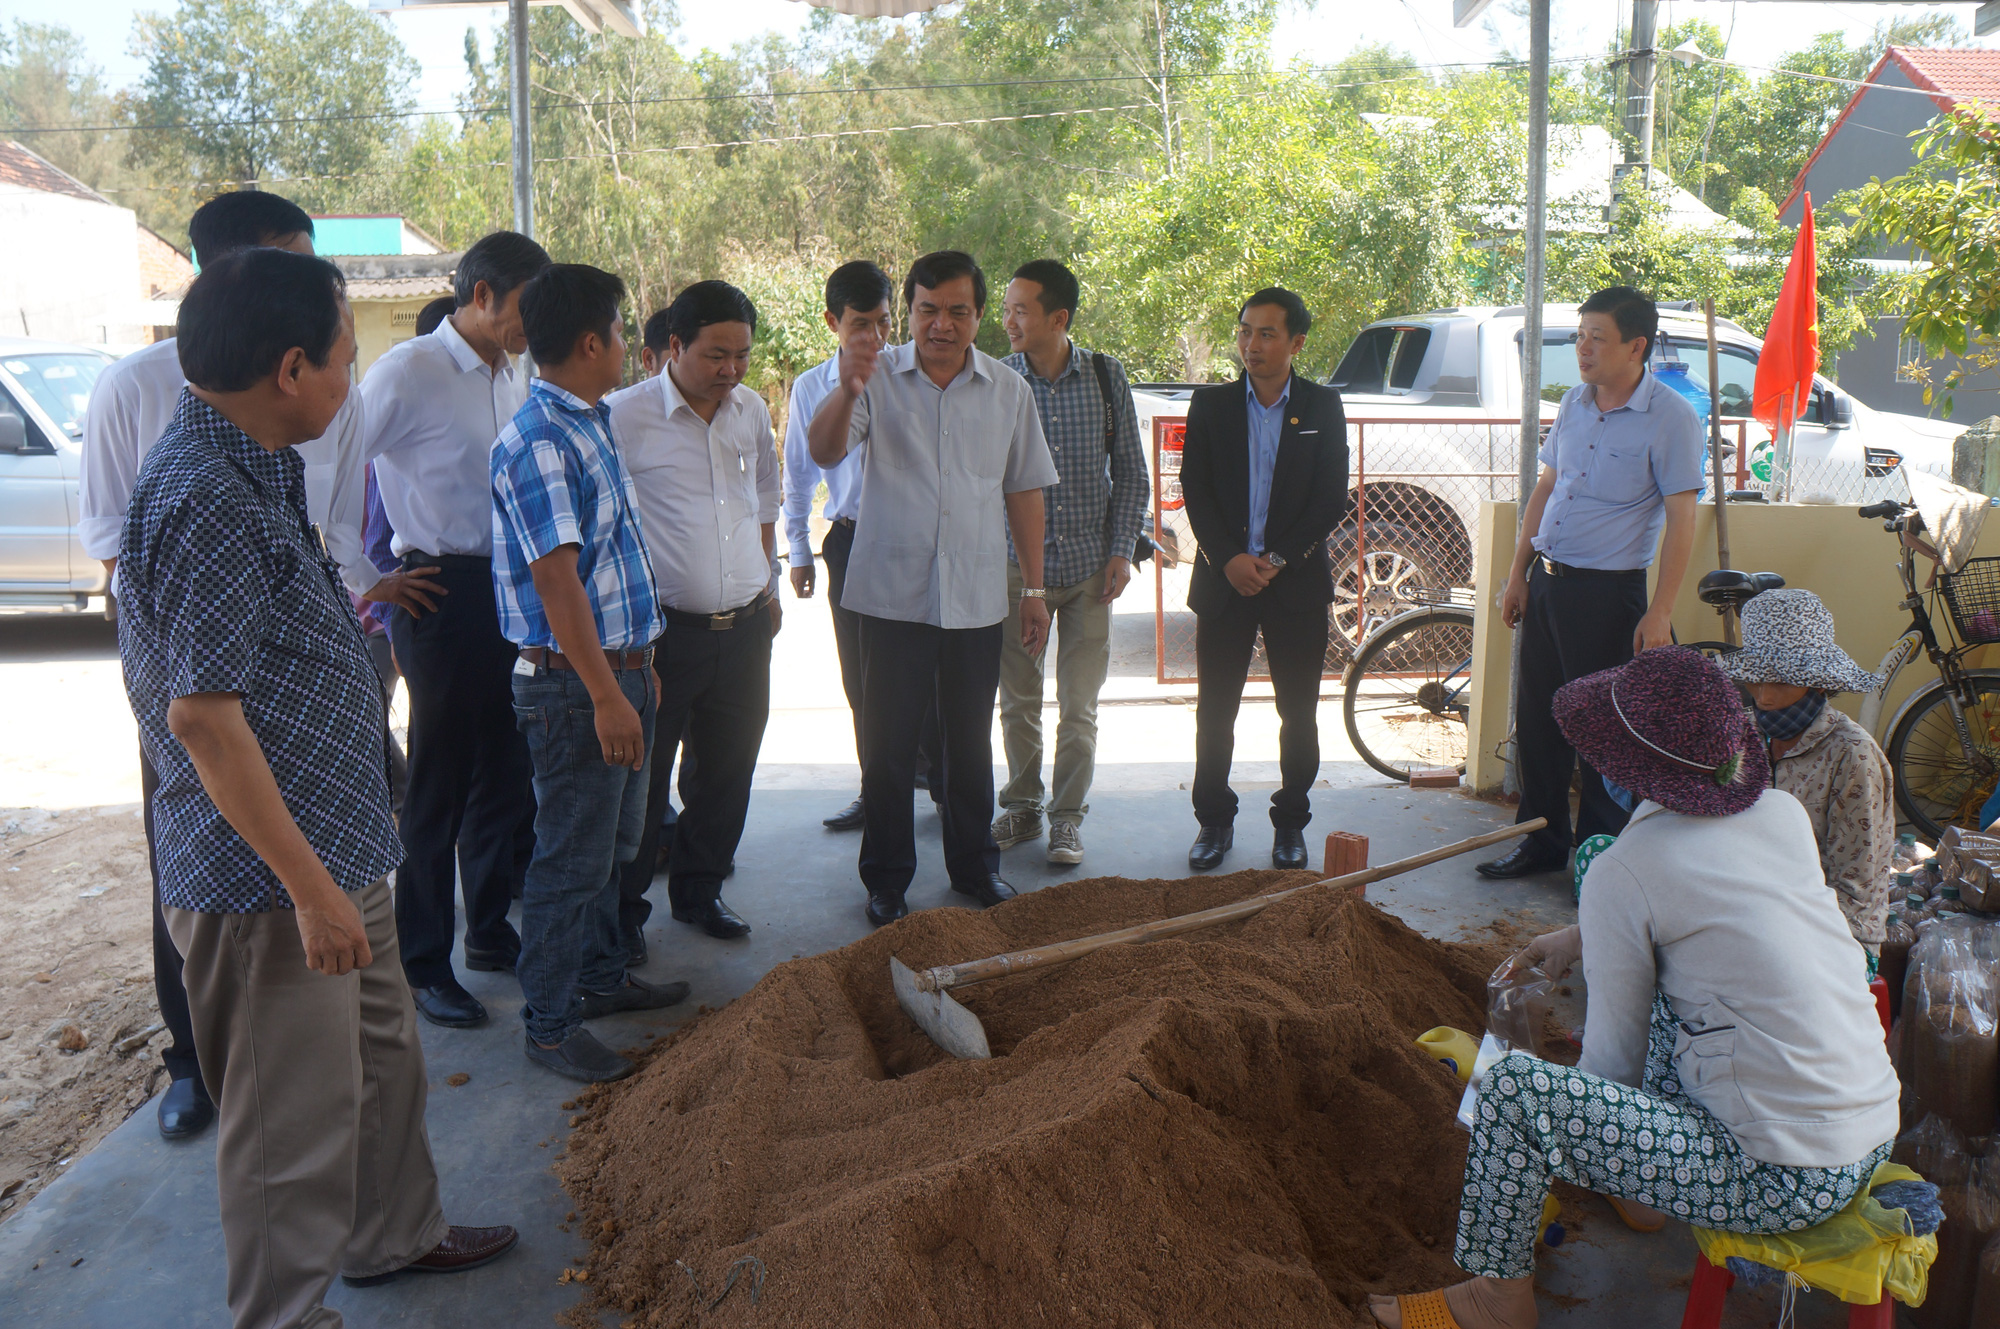 Quảng Nam: Thủ tướng công nhận thành phố Tam Kỳ đạt chuẩn Nông thôn mới - Ảnh 8.